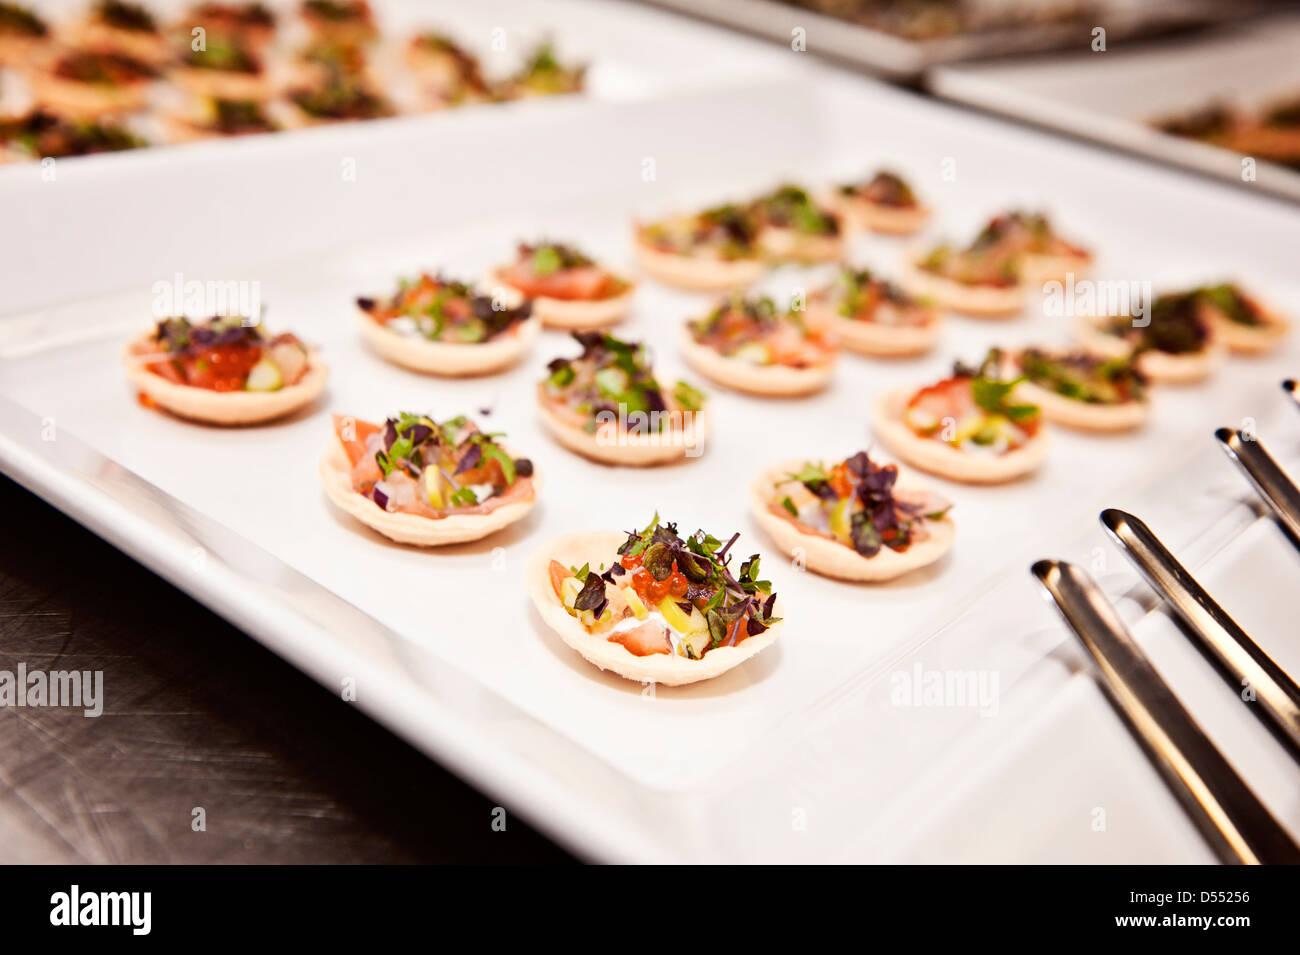 L'alimentation comme fonction vu à un événement spécial Photo Stock